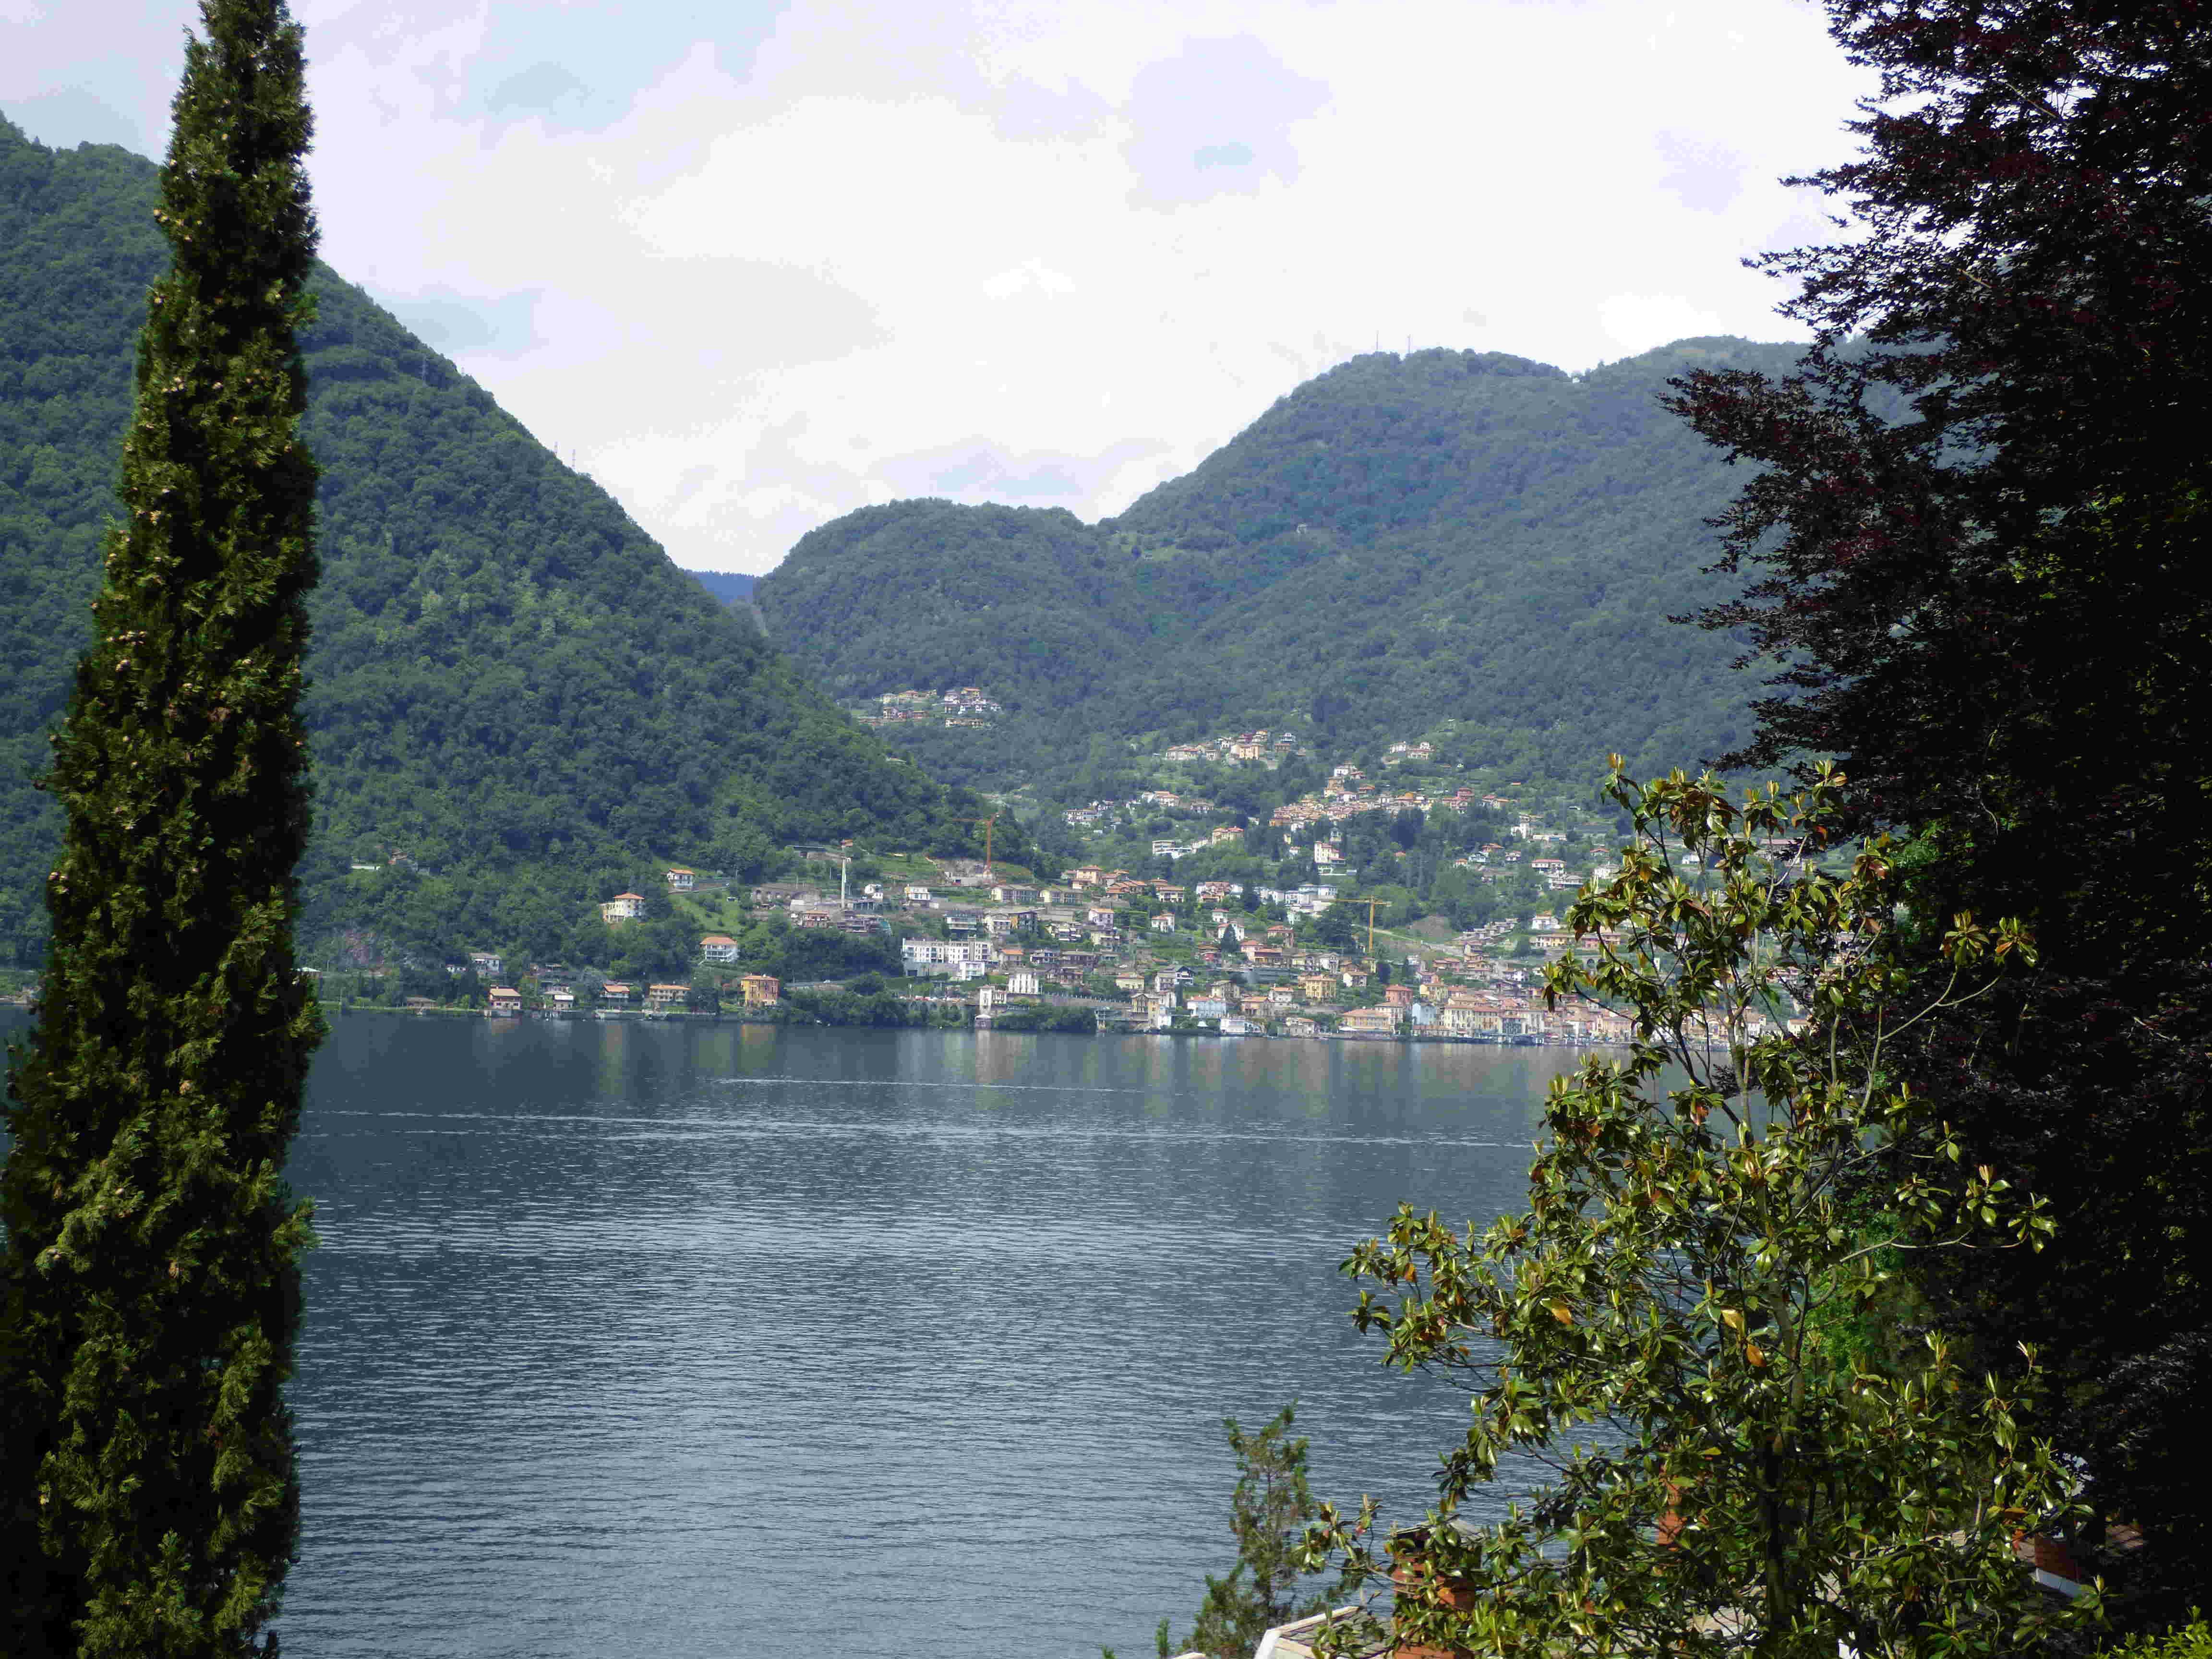 Au retour de vacances dans la région des lacs Italiens P1030113